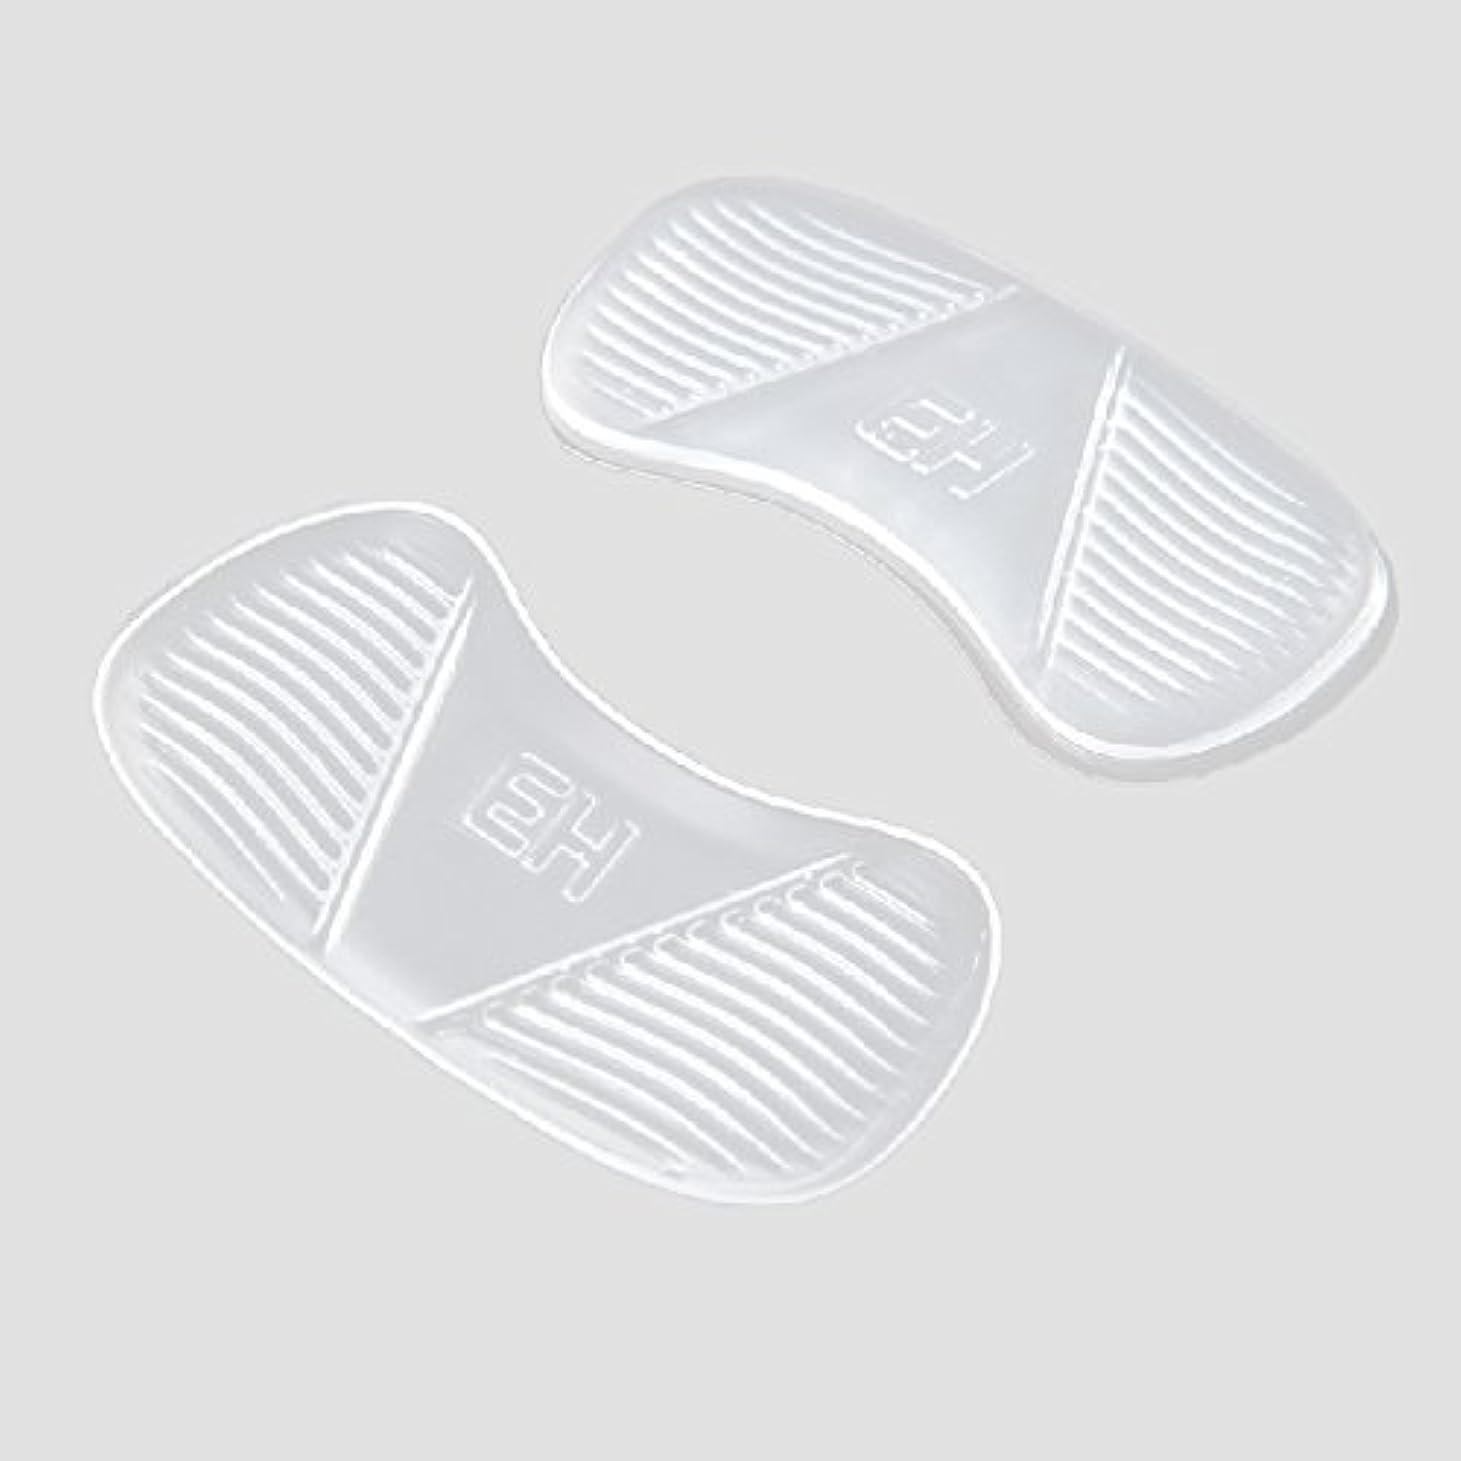 落ち着かない思いやり組み合わせるKonmed ヒールバック枕 靴用パッド